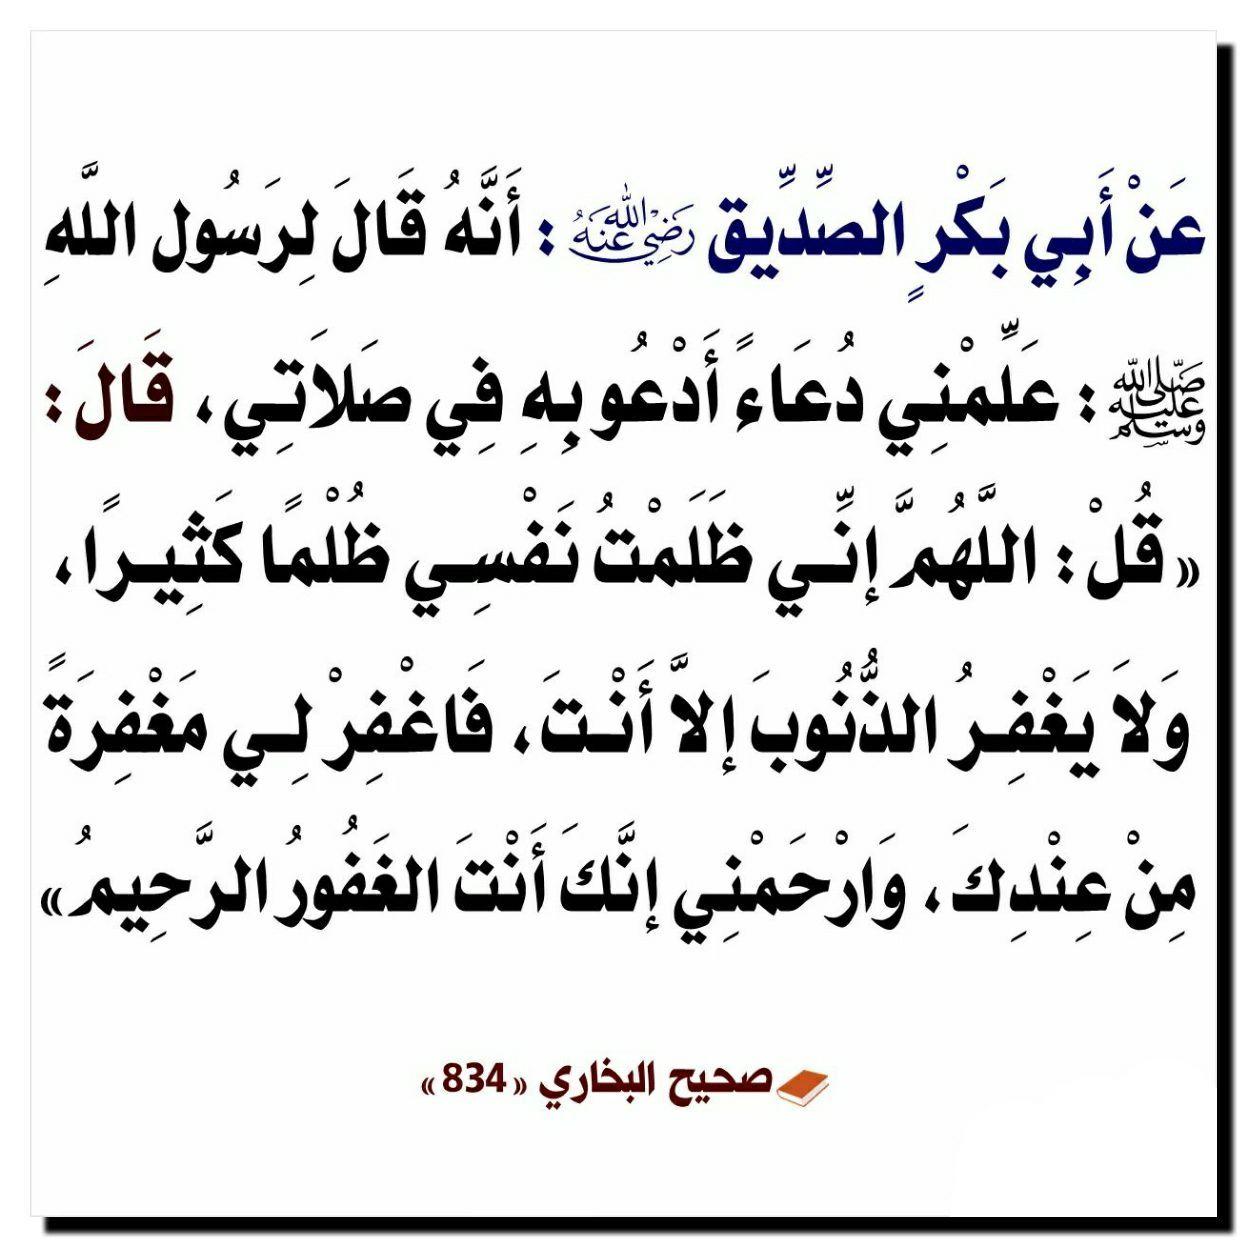 أبو بكر الصديق حديث النبي صلى الله عليه وسلم Islamic Quotes Islamic Teachings Peace Be Upon Him